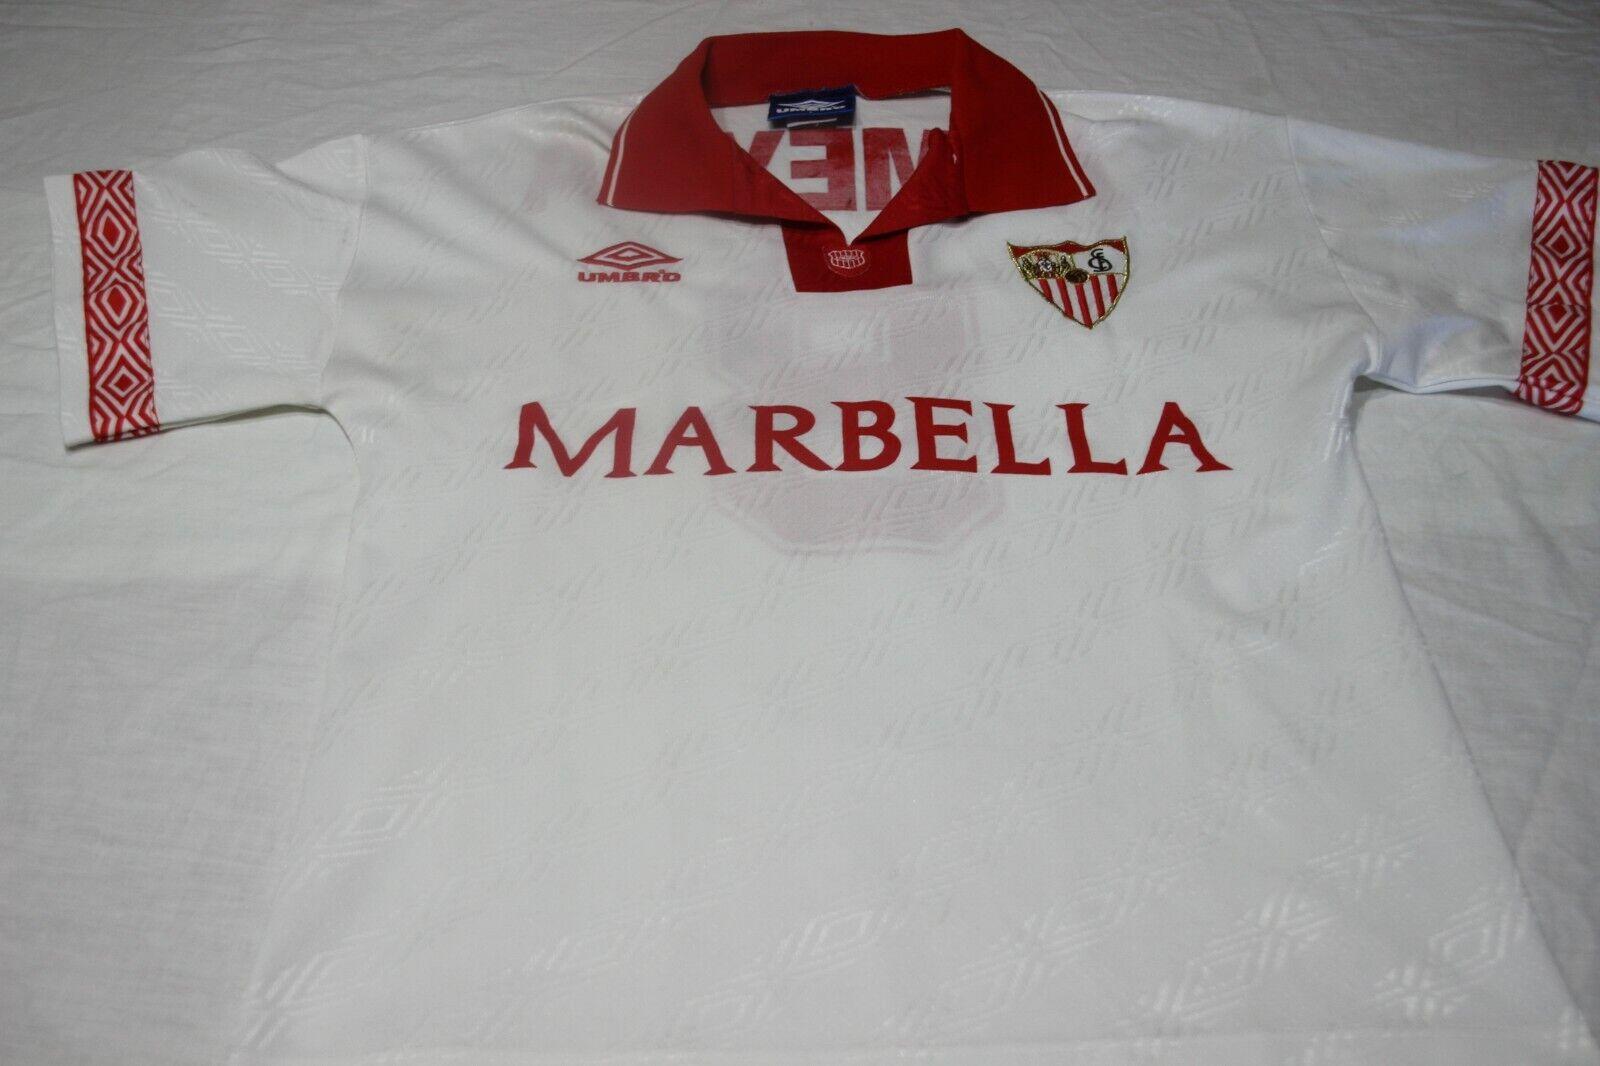 CAMISETA OFICIAL VINTAGE DEL SEVILLA FC UMBRO T S MARBELLA Nº 8 ALMEIDA SHIRT